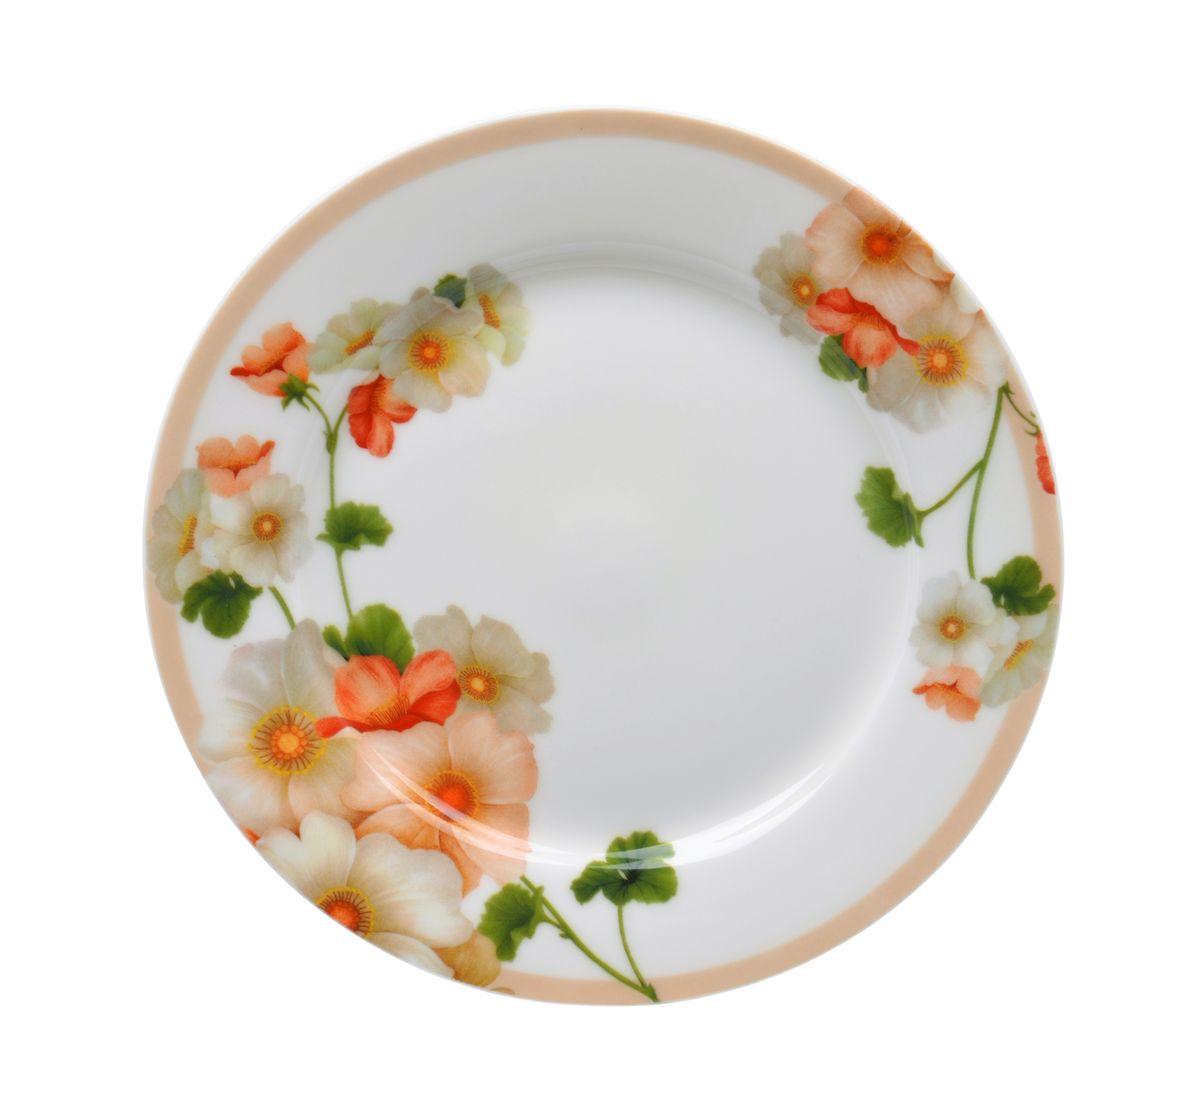 Тарелка десертная Nanshan Porcelain Мальва, диаметр 19 смGNNSML00175Тарелка десертная Nanshan Porcelain Мальва изготовлена из высококачественного фарфора. Предназначена для красивой подачи различных блюд. Изделие декорировано цветочным рисунком. Такая тарелка украсит сервировку стола и подчеркнет прекрасный вкус хозяйки. Можно мыть в посудомоечной машине и использовать в СВЧ. Диаметр: 19 см. Высота: 1,5 см.